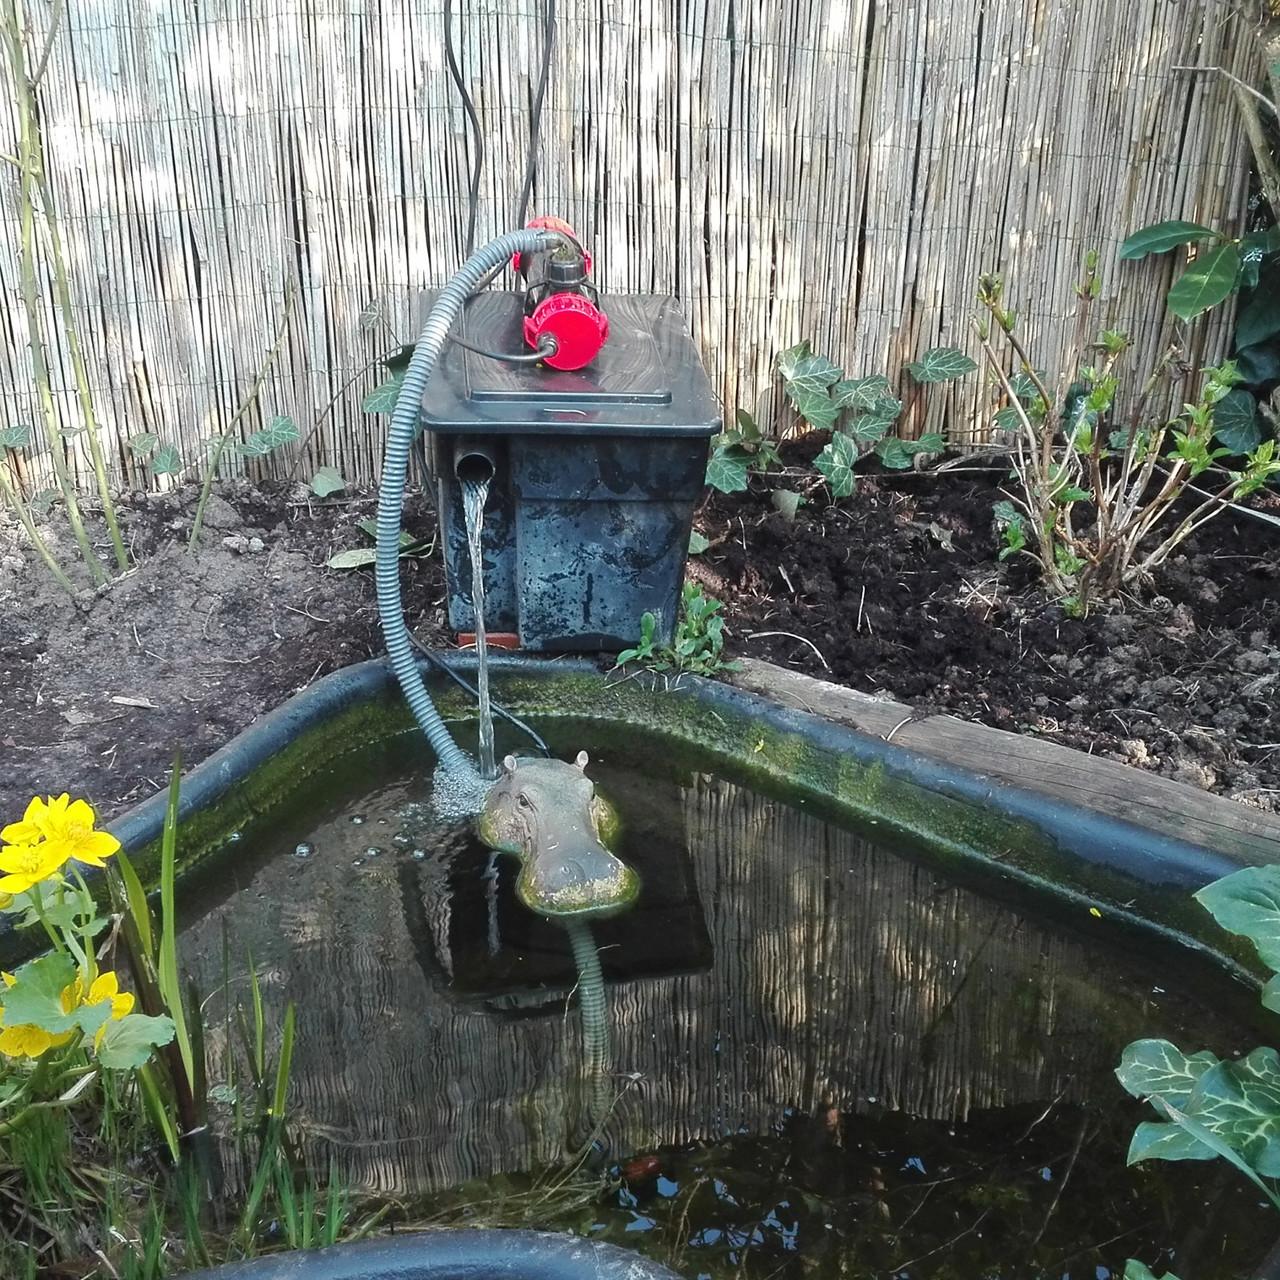 Gartenteich Filter ohne Abdeckung